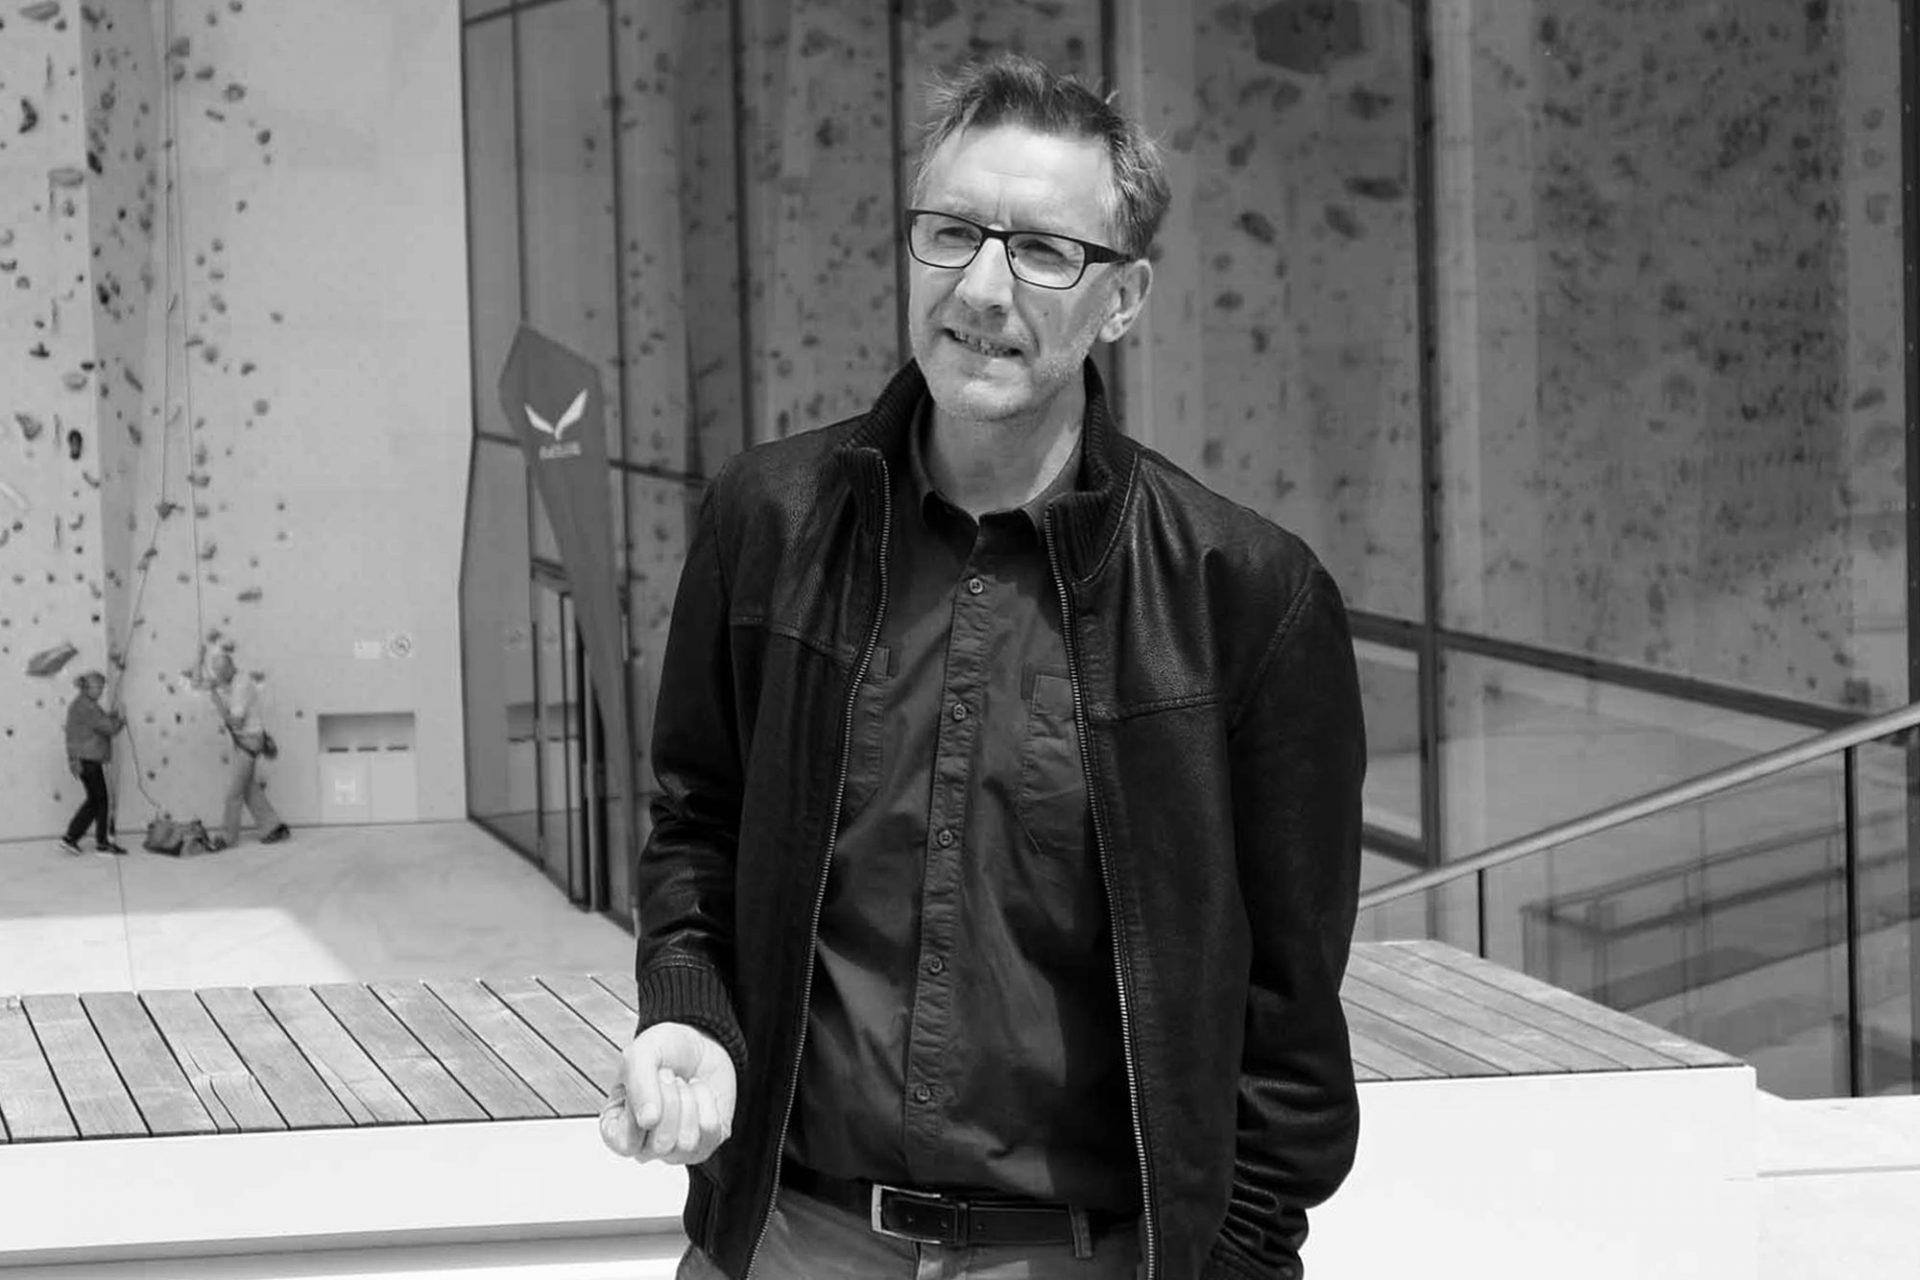 Kletterzentrum Bruneck. Im Gespräch mit Helmut Stifter von Stifter + Bachmann Architekten. Das in Pfalzen, Südtirol ansässige Büro wurde 1999 gegründet.